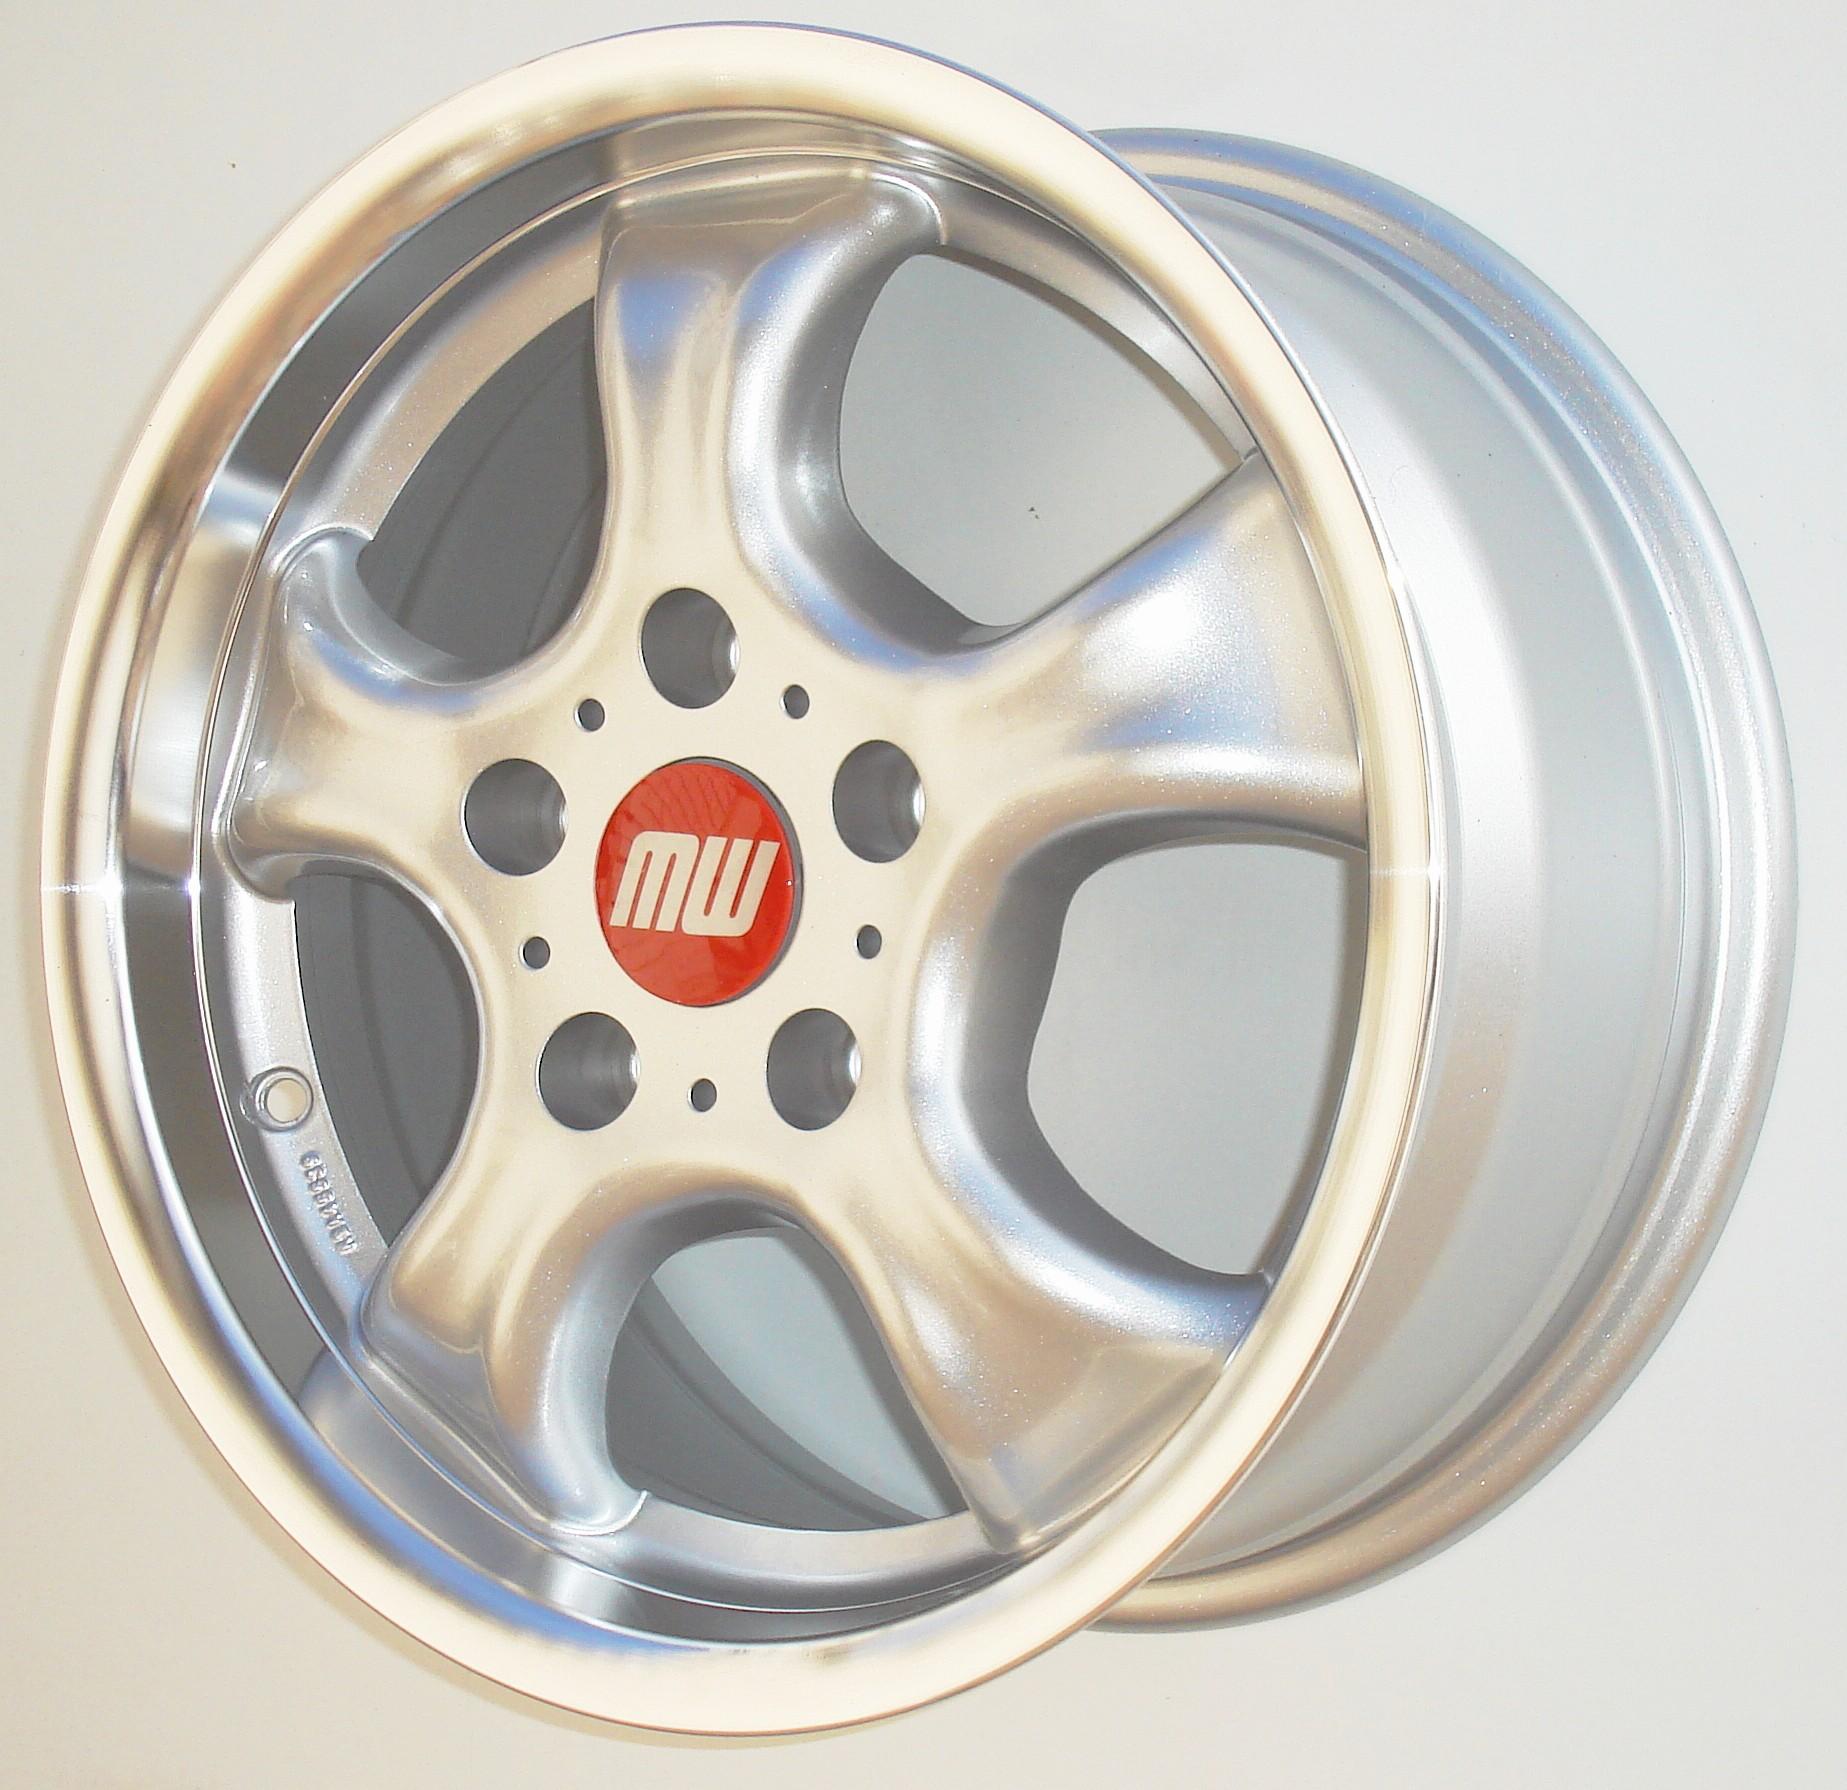 CUP-Rad 6X14 4/100 ET37 - silber metallic/hornkopiert